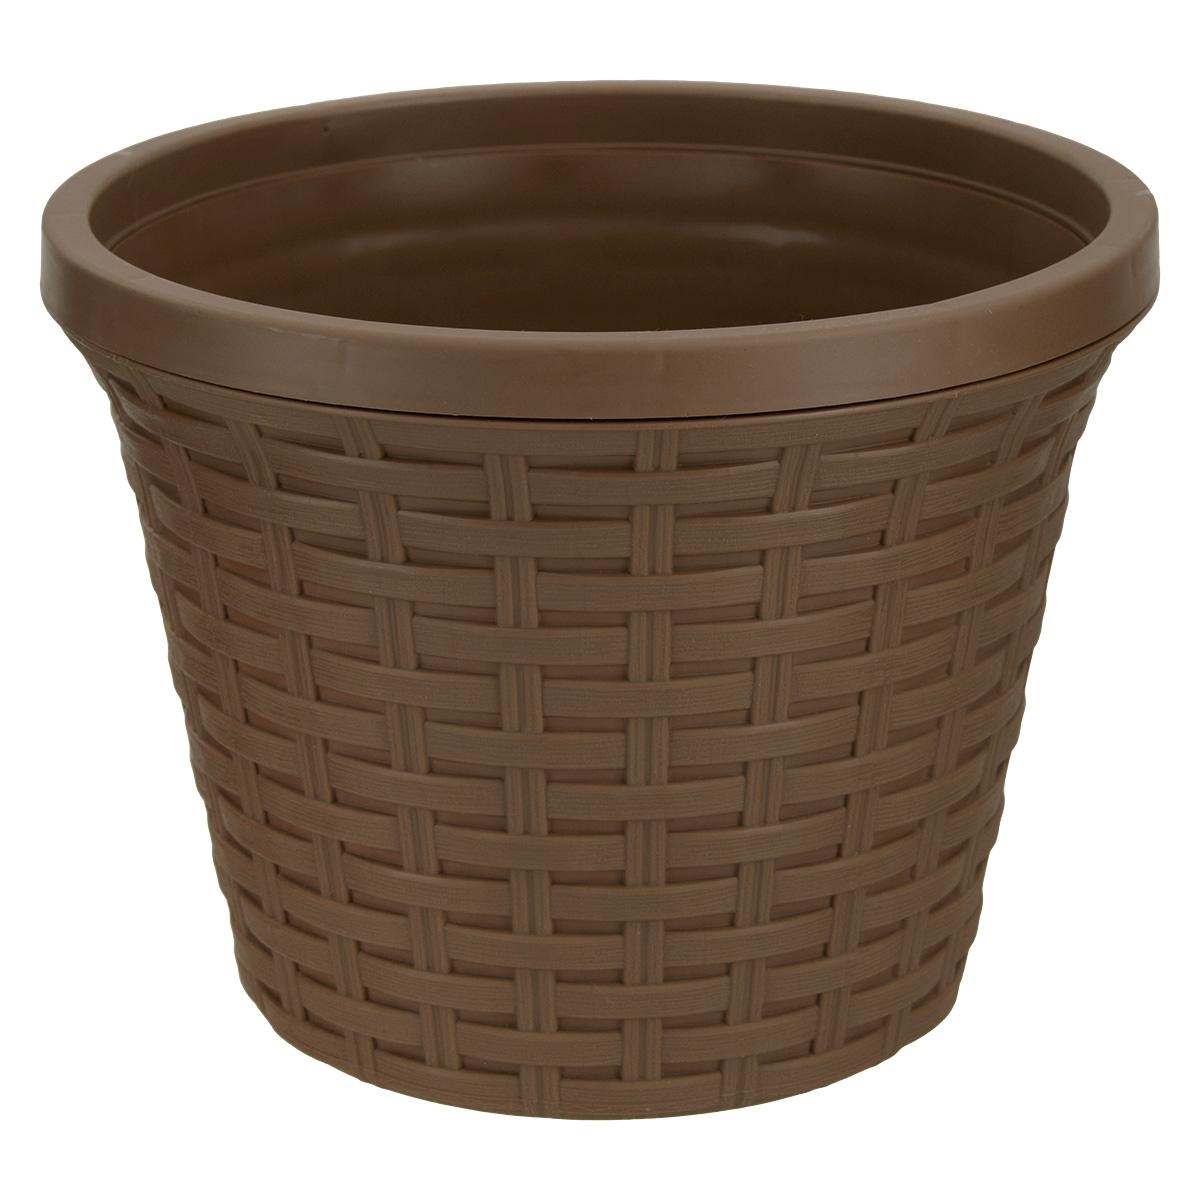 Кашпо круглое Violet Ротанг, с дренажной системой, цвет: какао, 4,8 л32480/17Круглое кашпо Violet Ротанг изготовлено из высококачественного пластика и оснащено дренажной системой для быстрого отведения избытка воды при поливе. Изделие прекрасно подходит для выращивания растений и цветов в домашних условиях. Лаконичный дизайн впишется в интерьер любого помещения.Объем: 4,8 л.